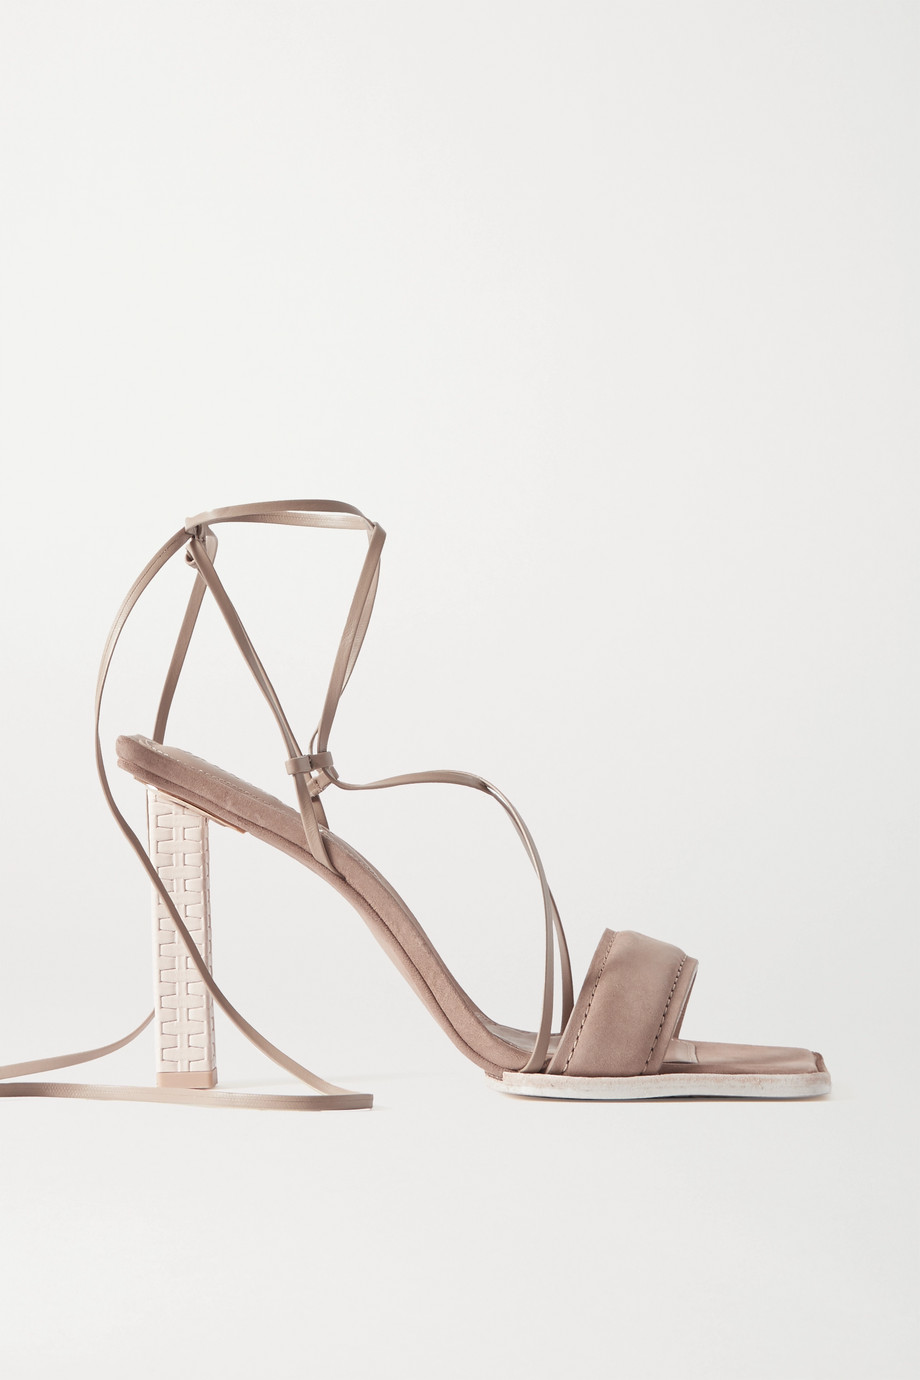 Jacquemus Adour 牛巴革凉鞋